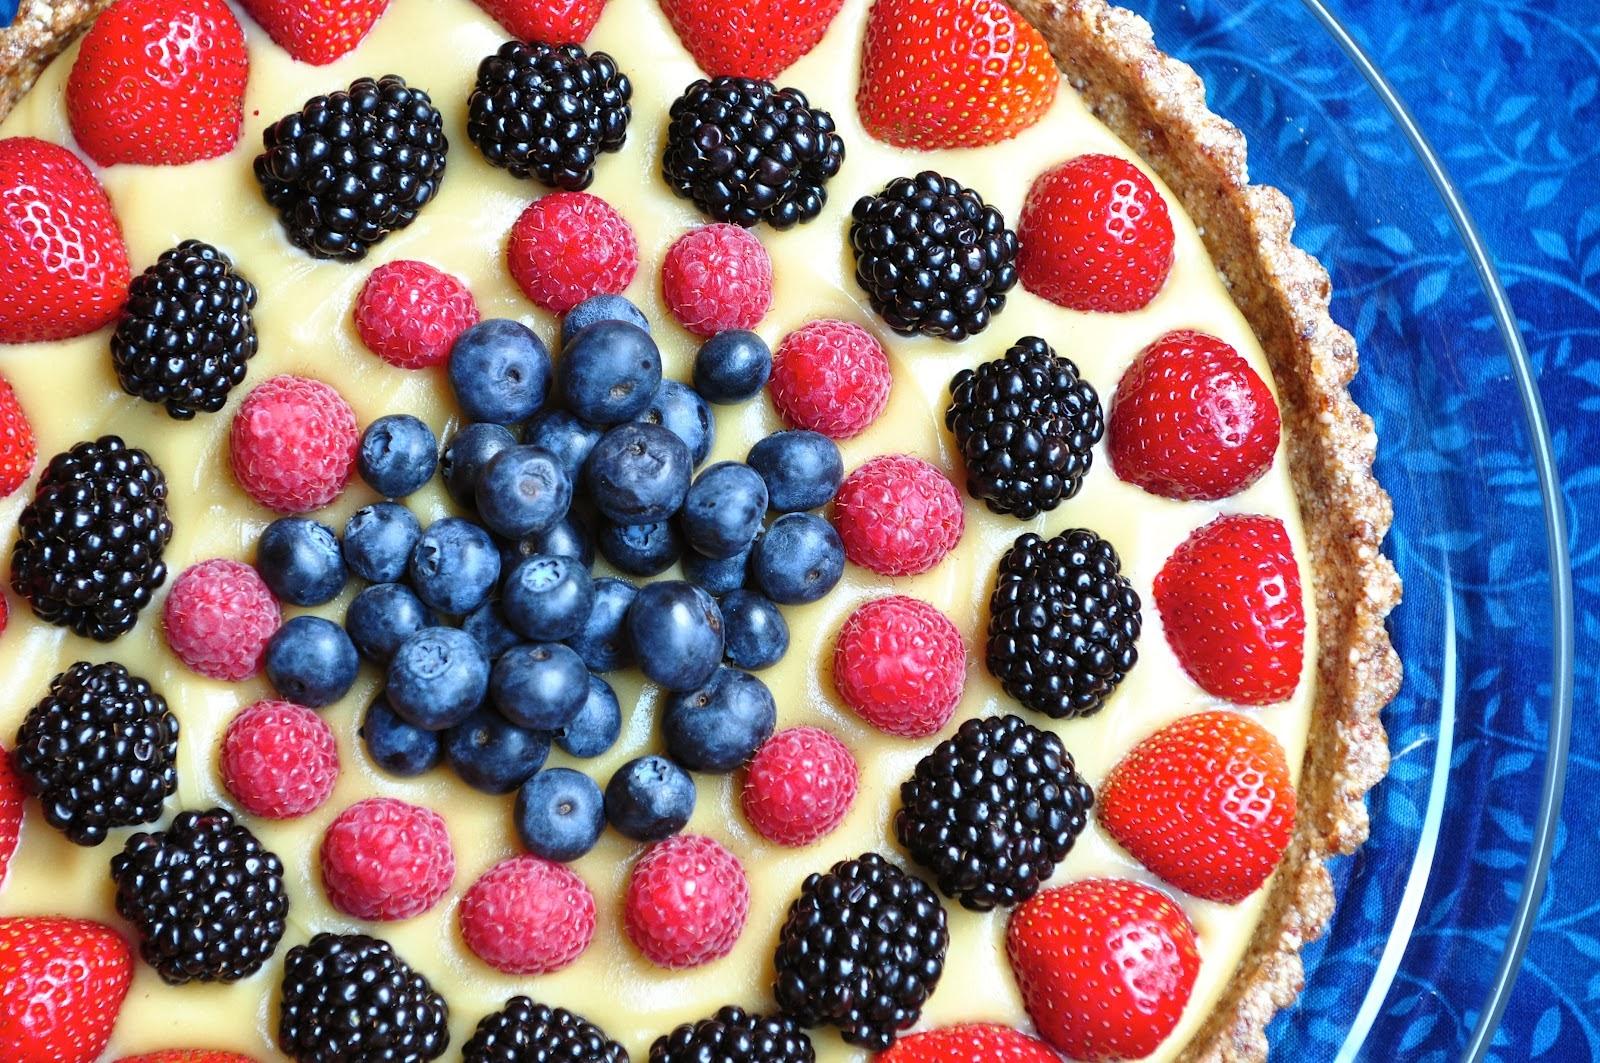 Healthy Gluten-Free Desserts